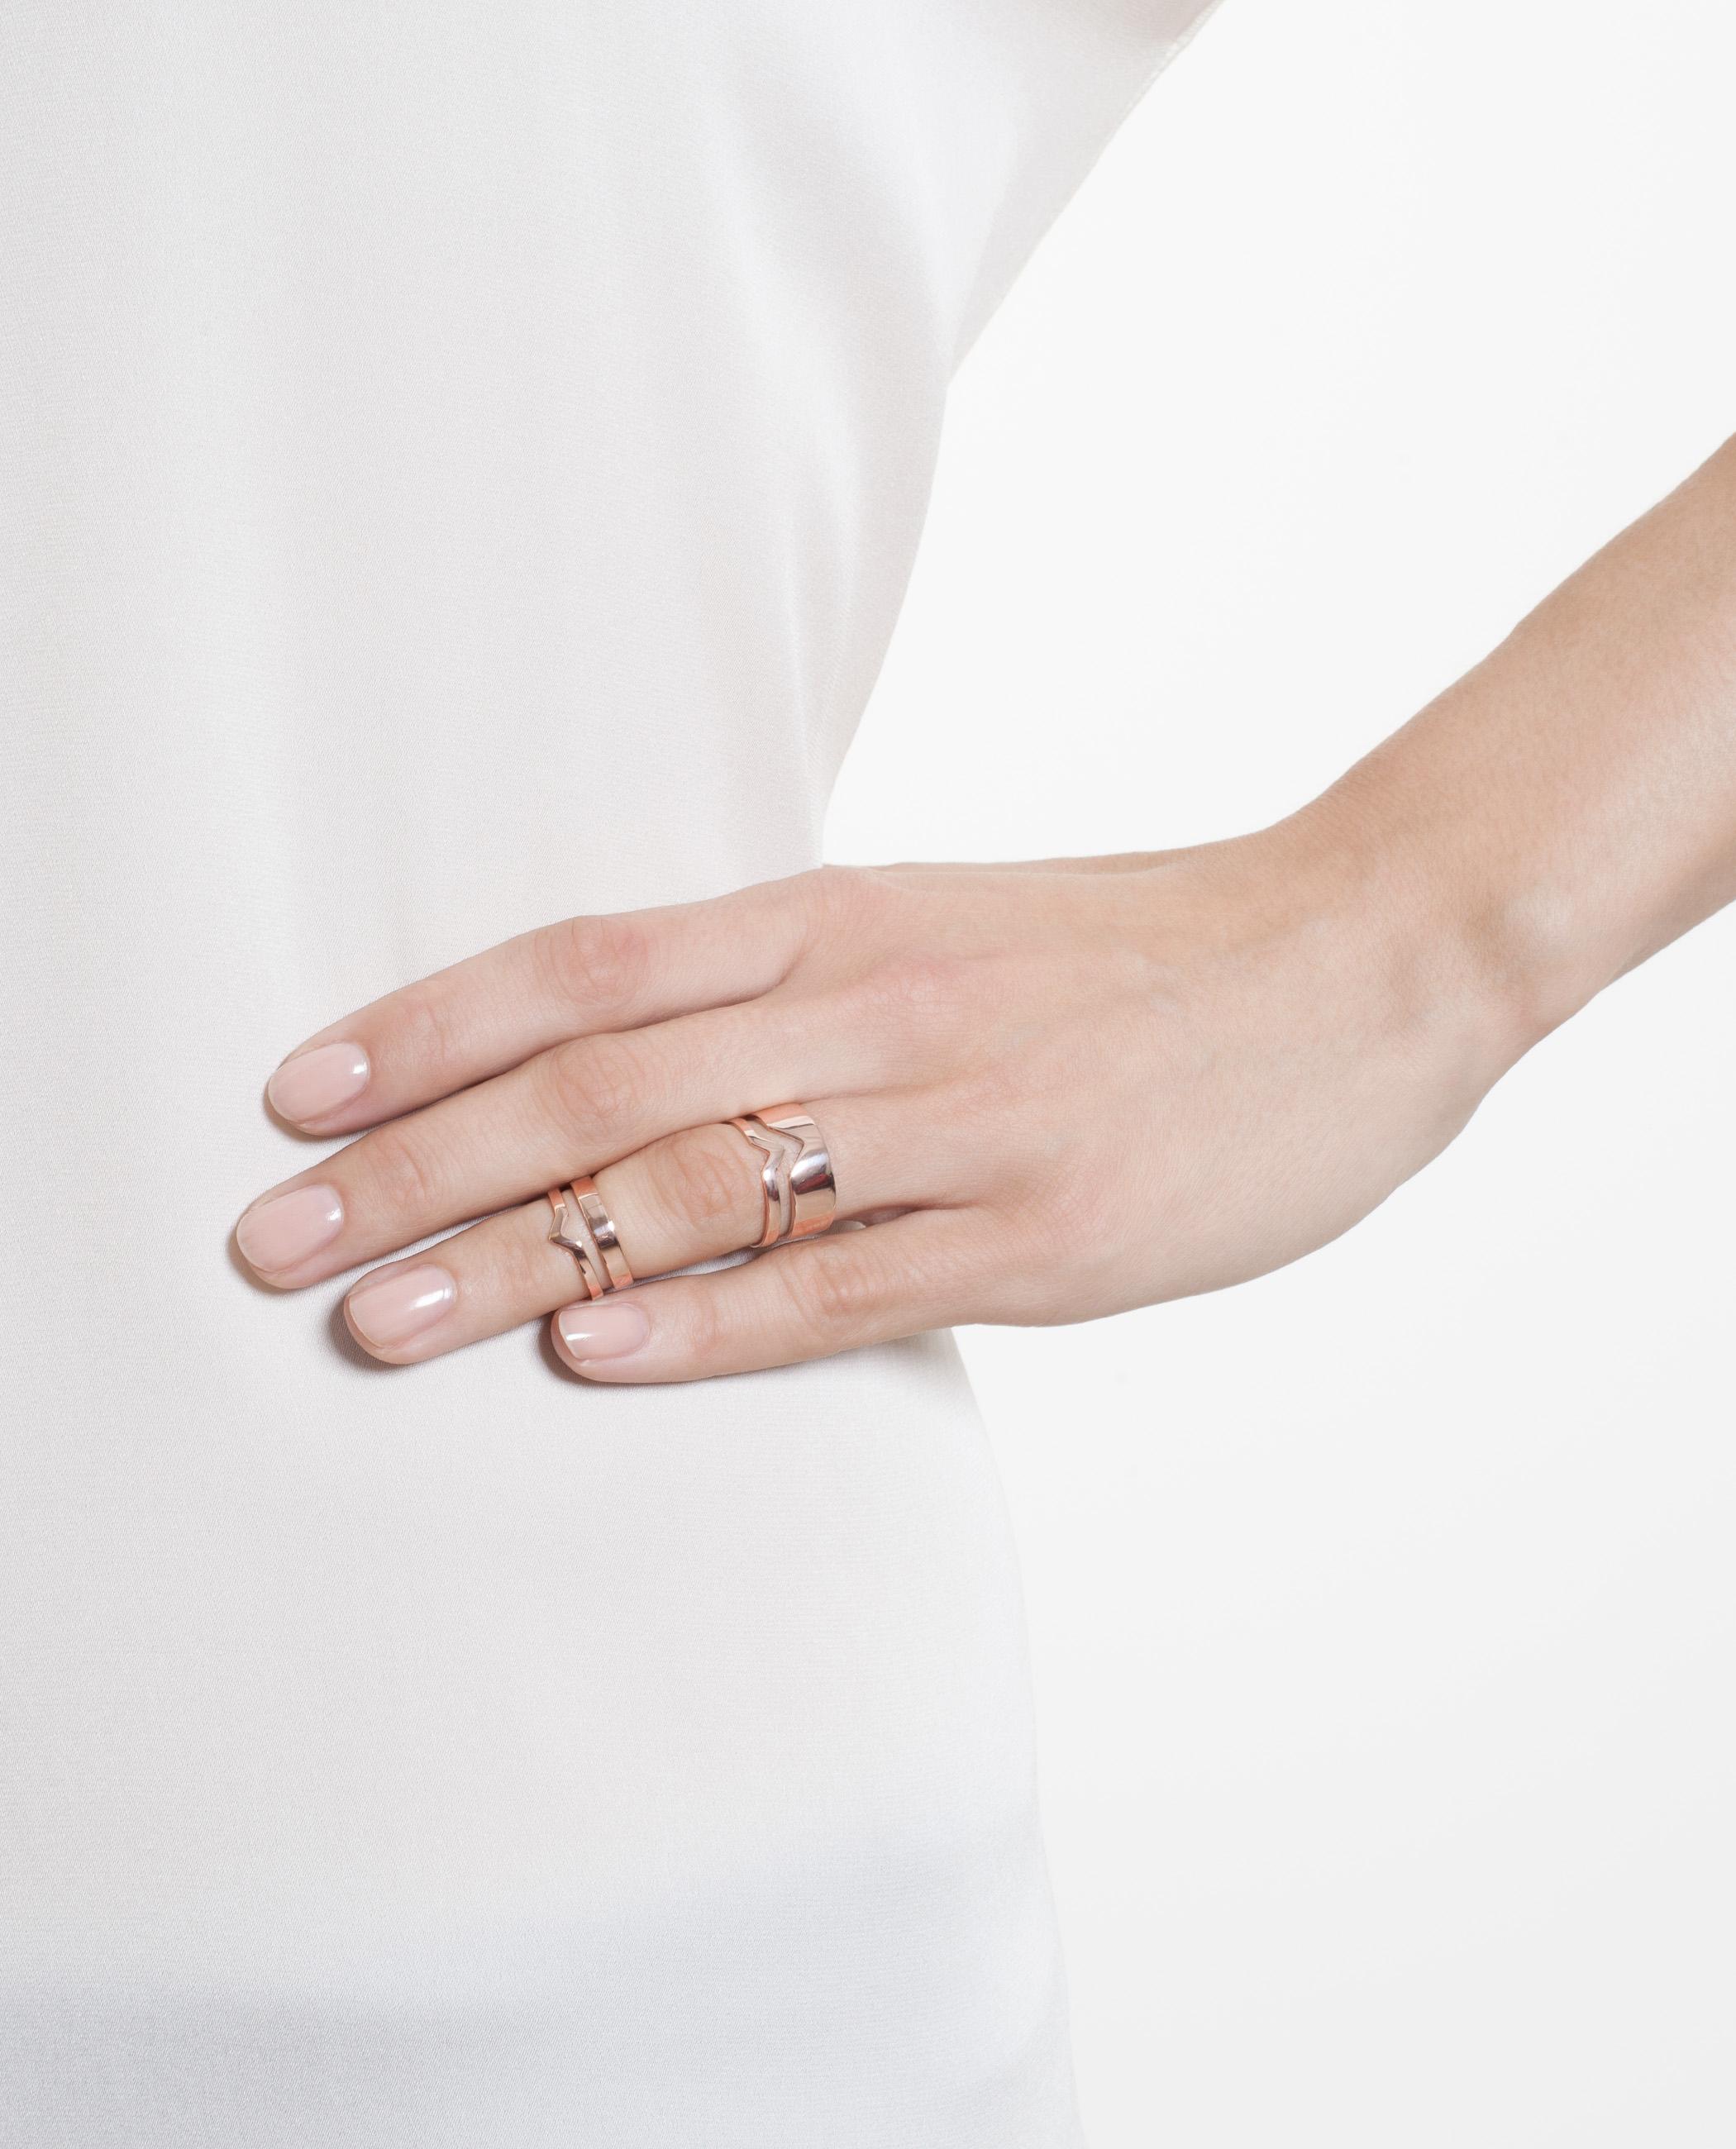 Maria Black Twin ring - Metallic 4R0ZCRd